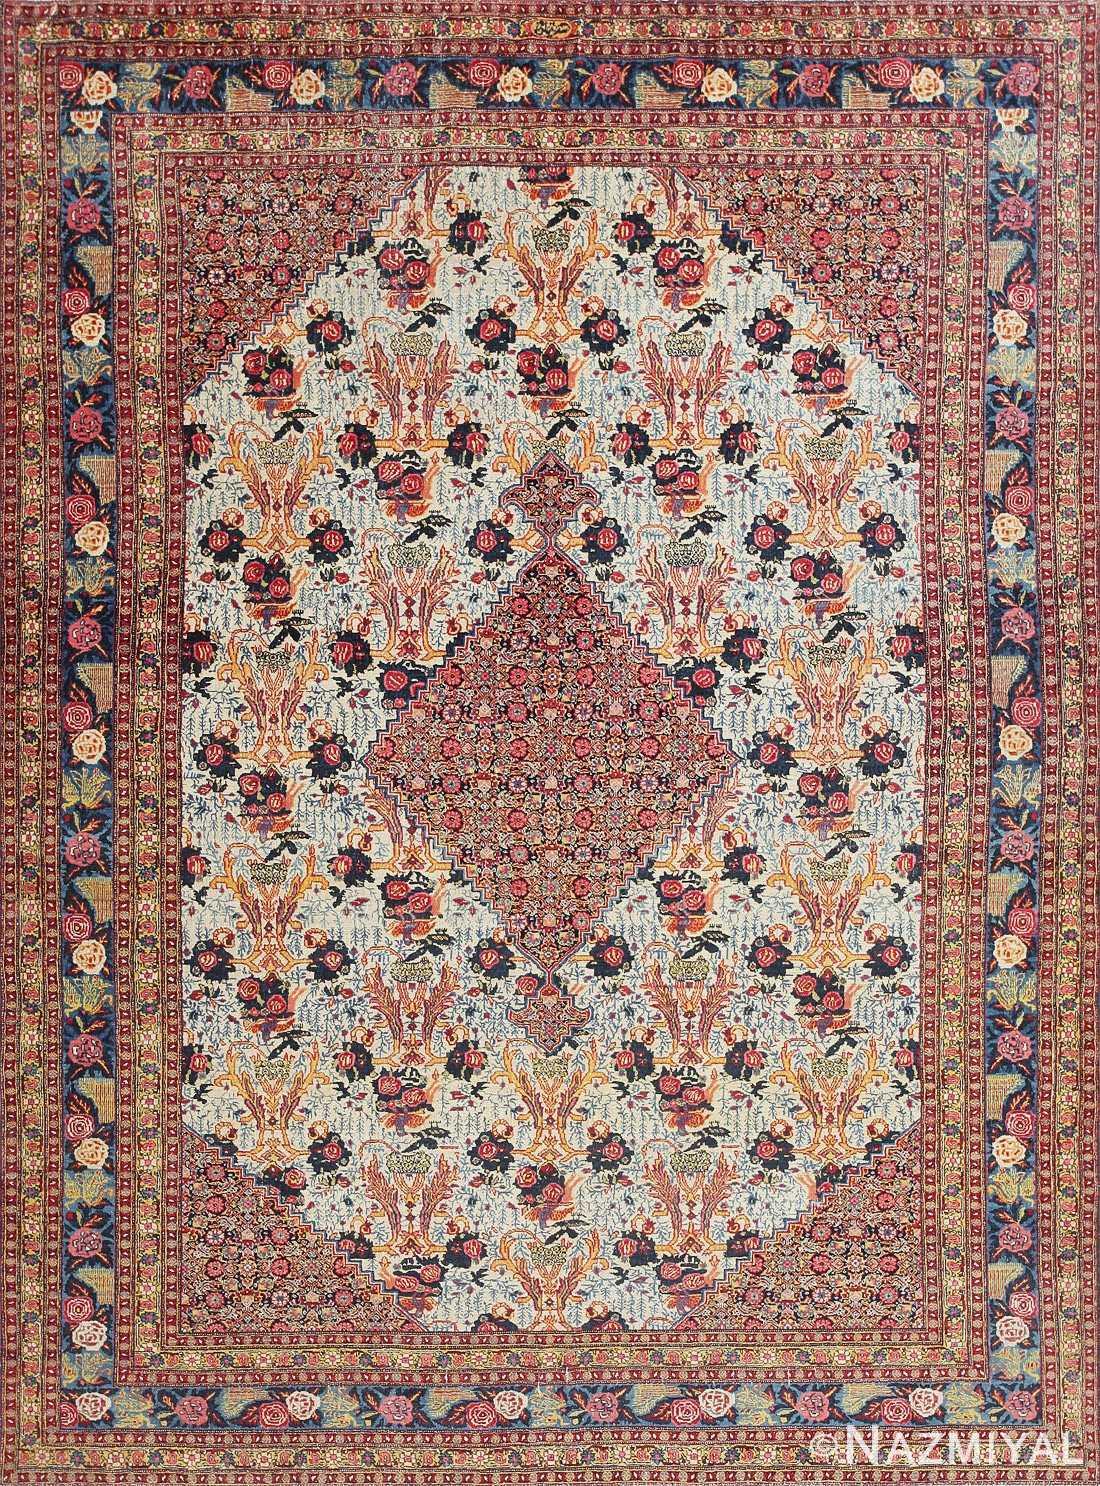 Fine Antique Persian Tabriz Carpet 47458 Detail/Large View